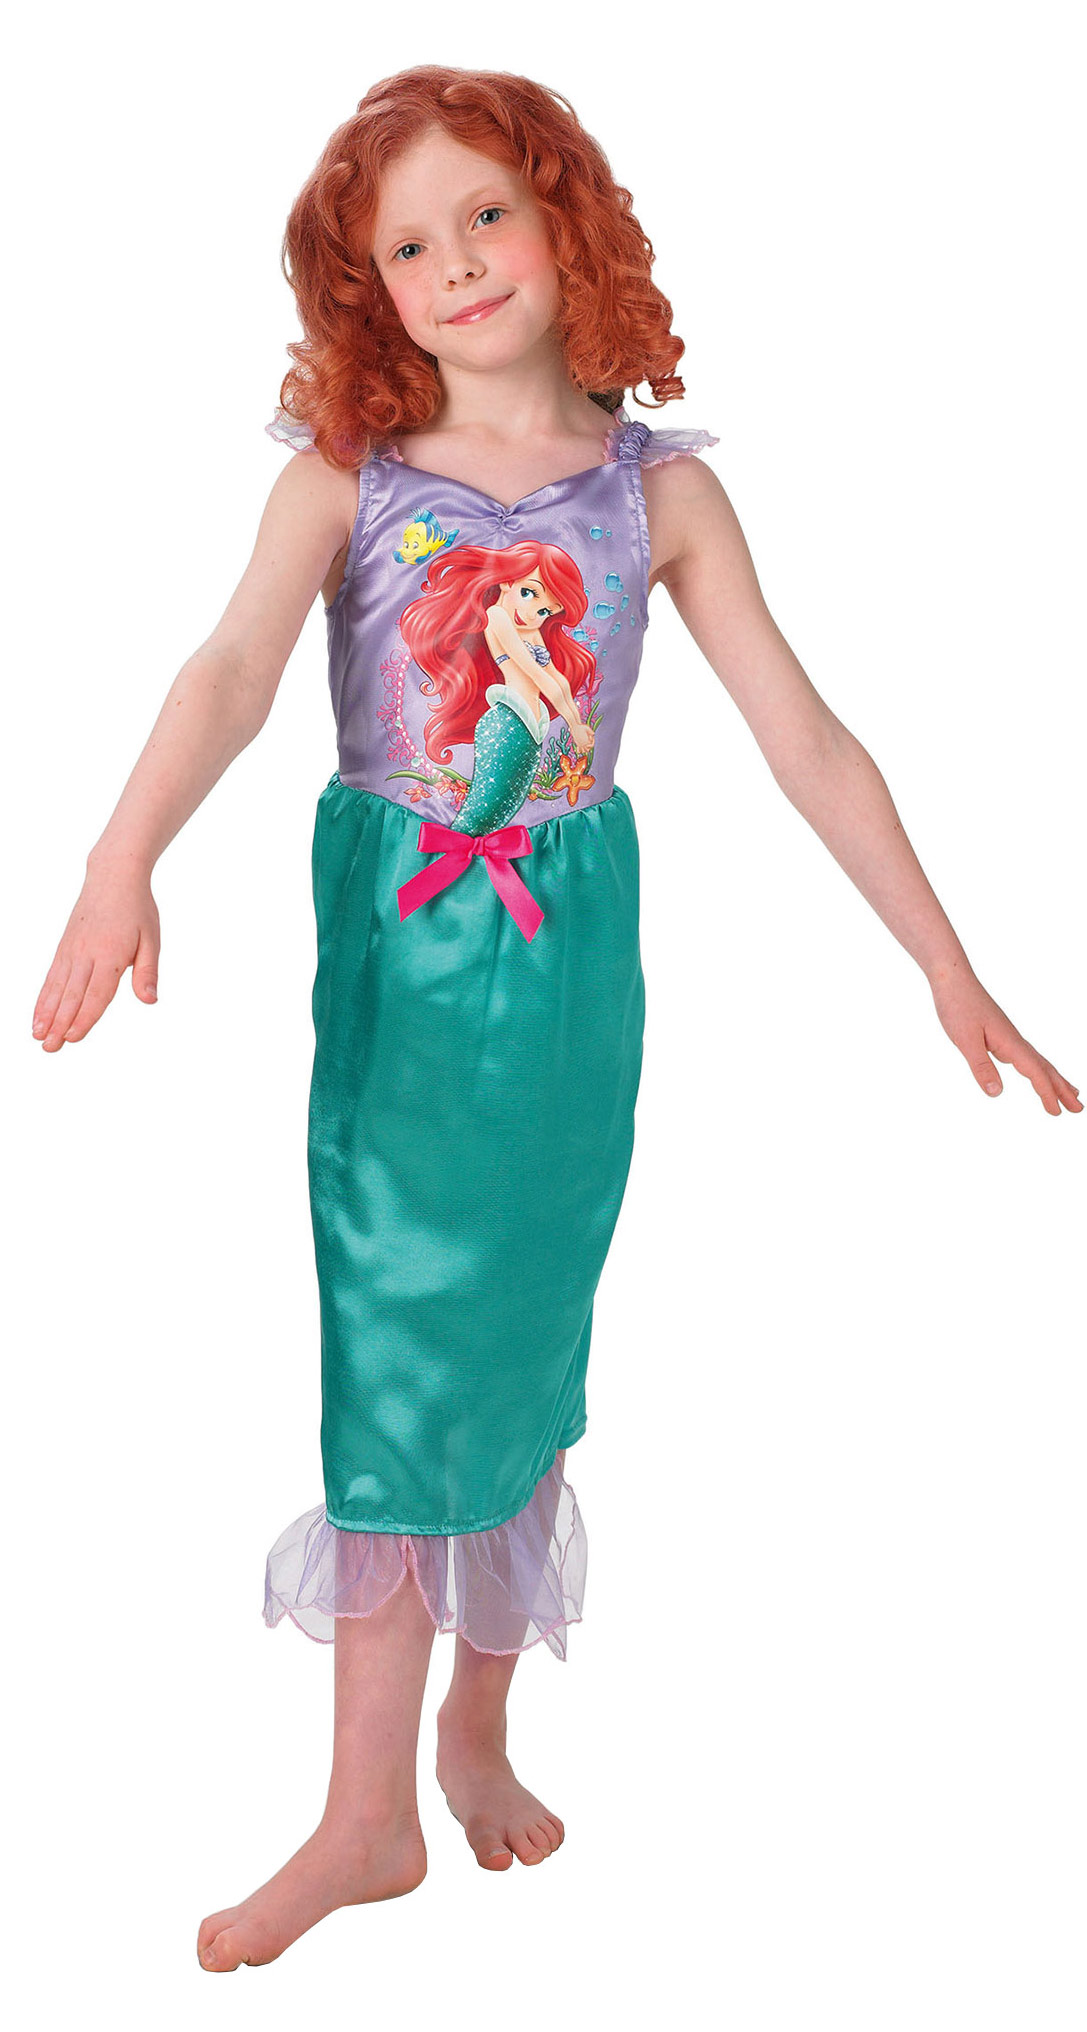 D guisement classique storytime la petite sir ne fille deguise toi achat de d guisements enfants - Image petite sirene ...